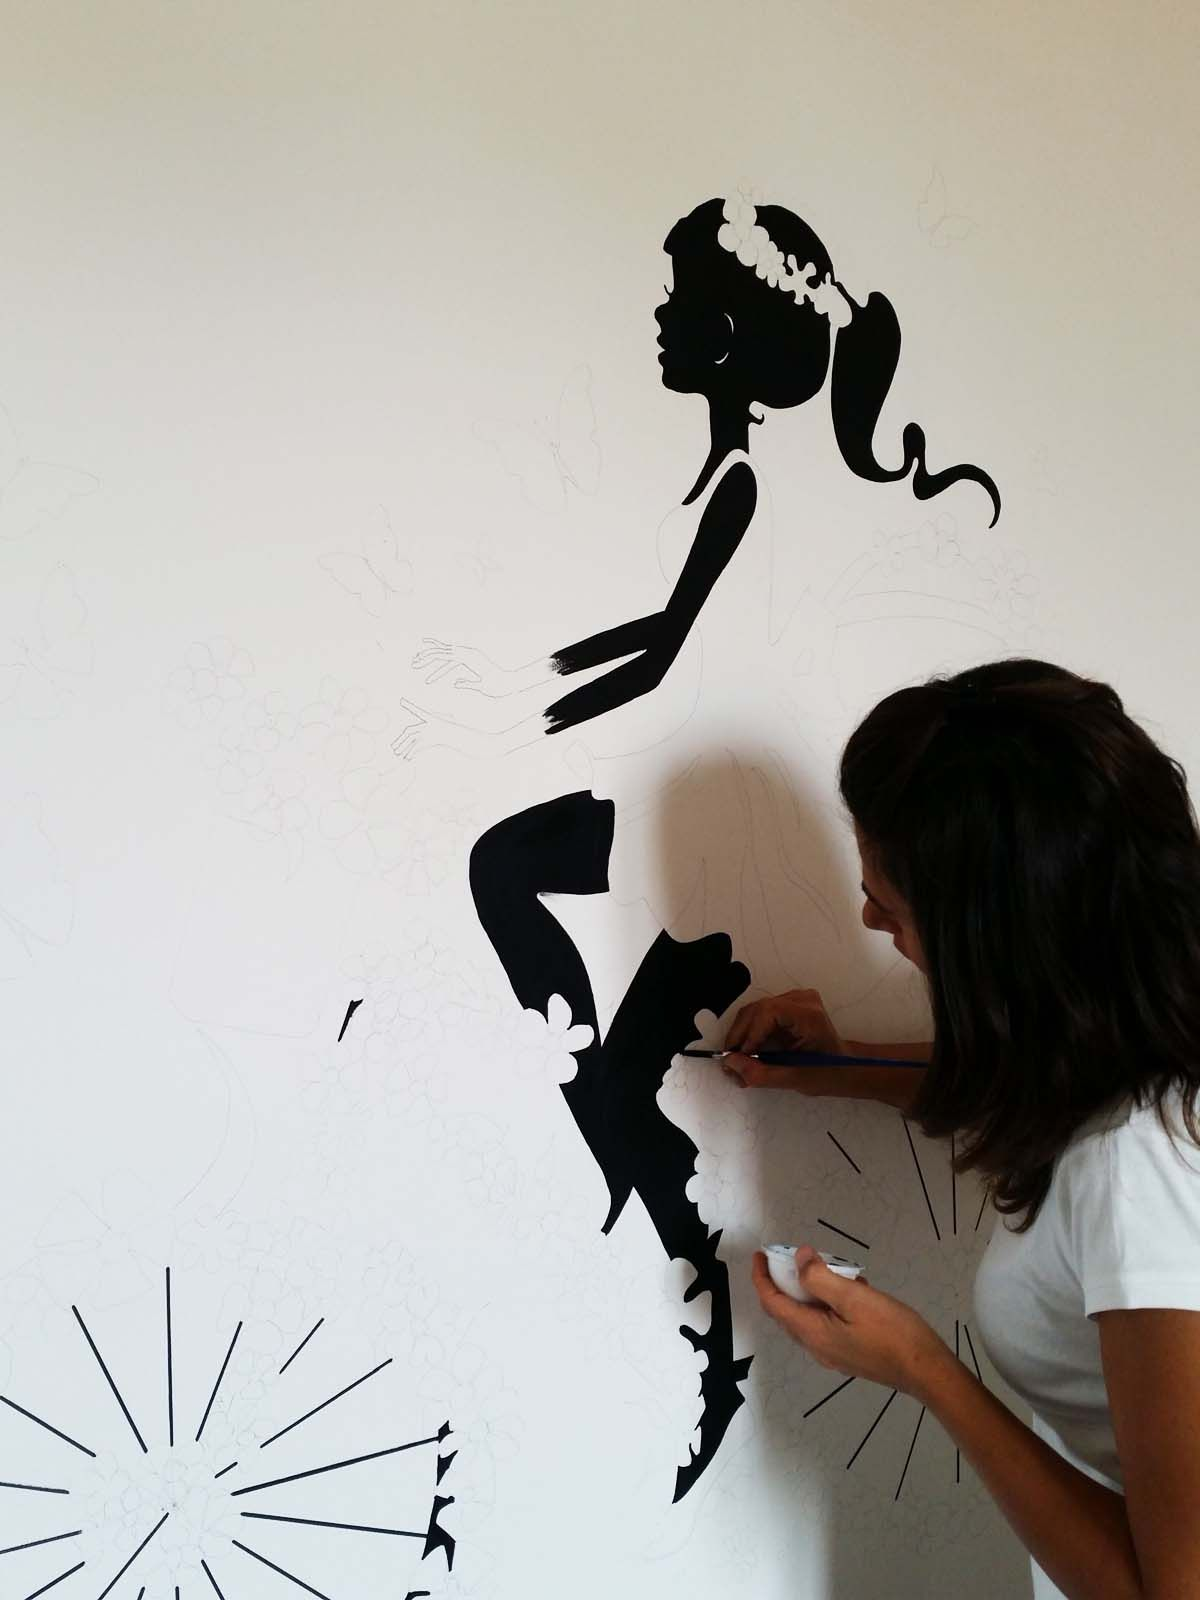 Colori Da Parete Per Camerette disegno a parete per cameretta, ragazza in sella alla sua